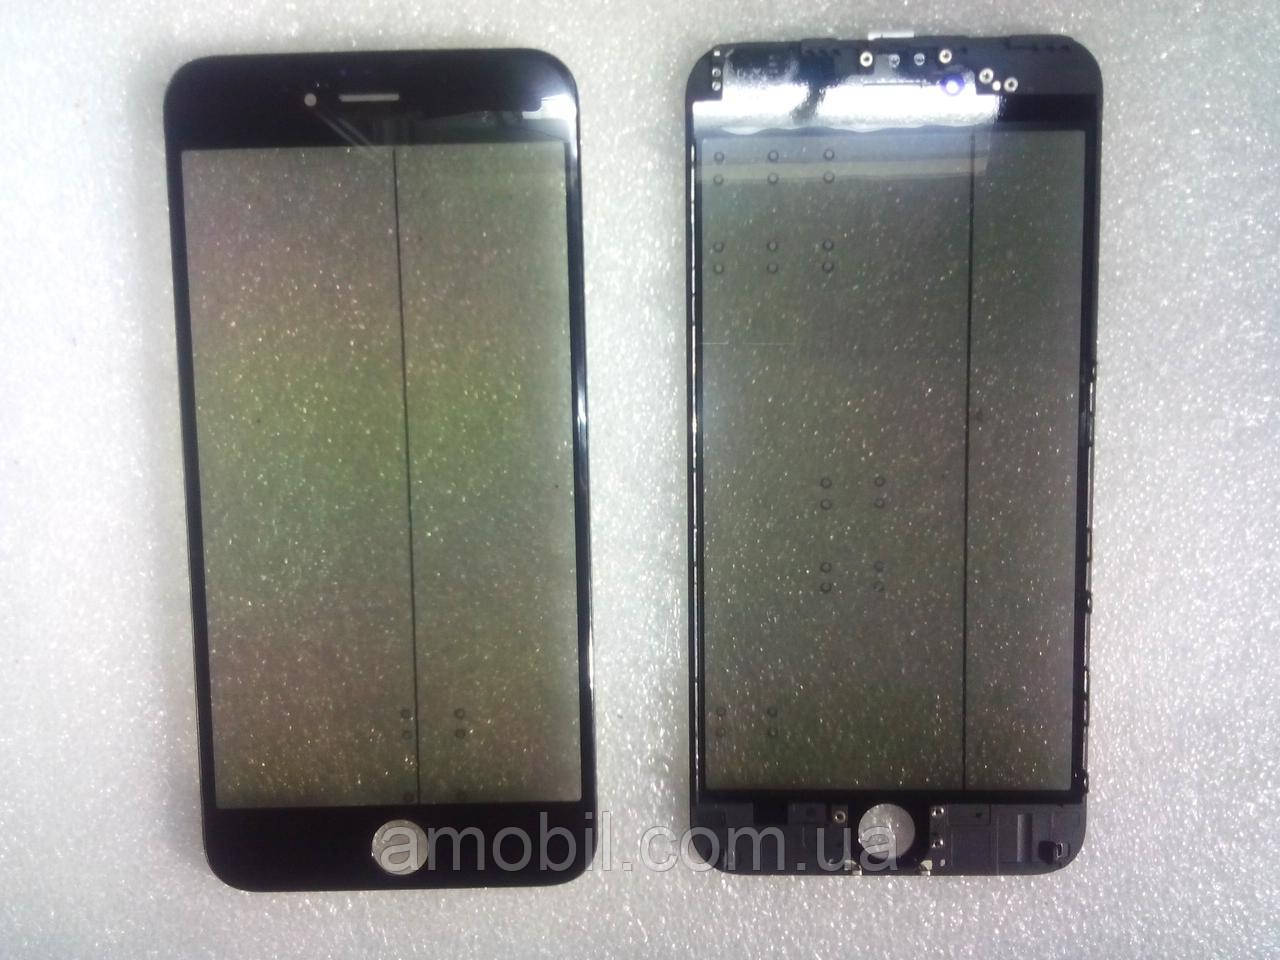 Скло з дисплейної рамкою , OCA плівкою і поляризаційної плівкою для iPhone 6 Plus чорне orig якість